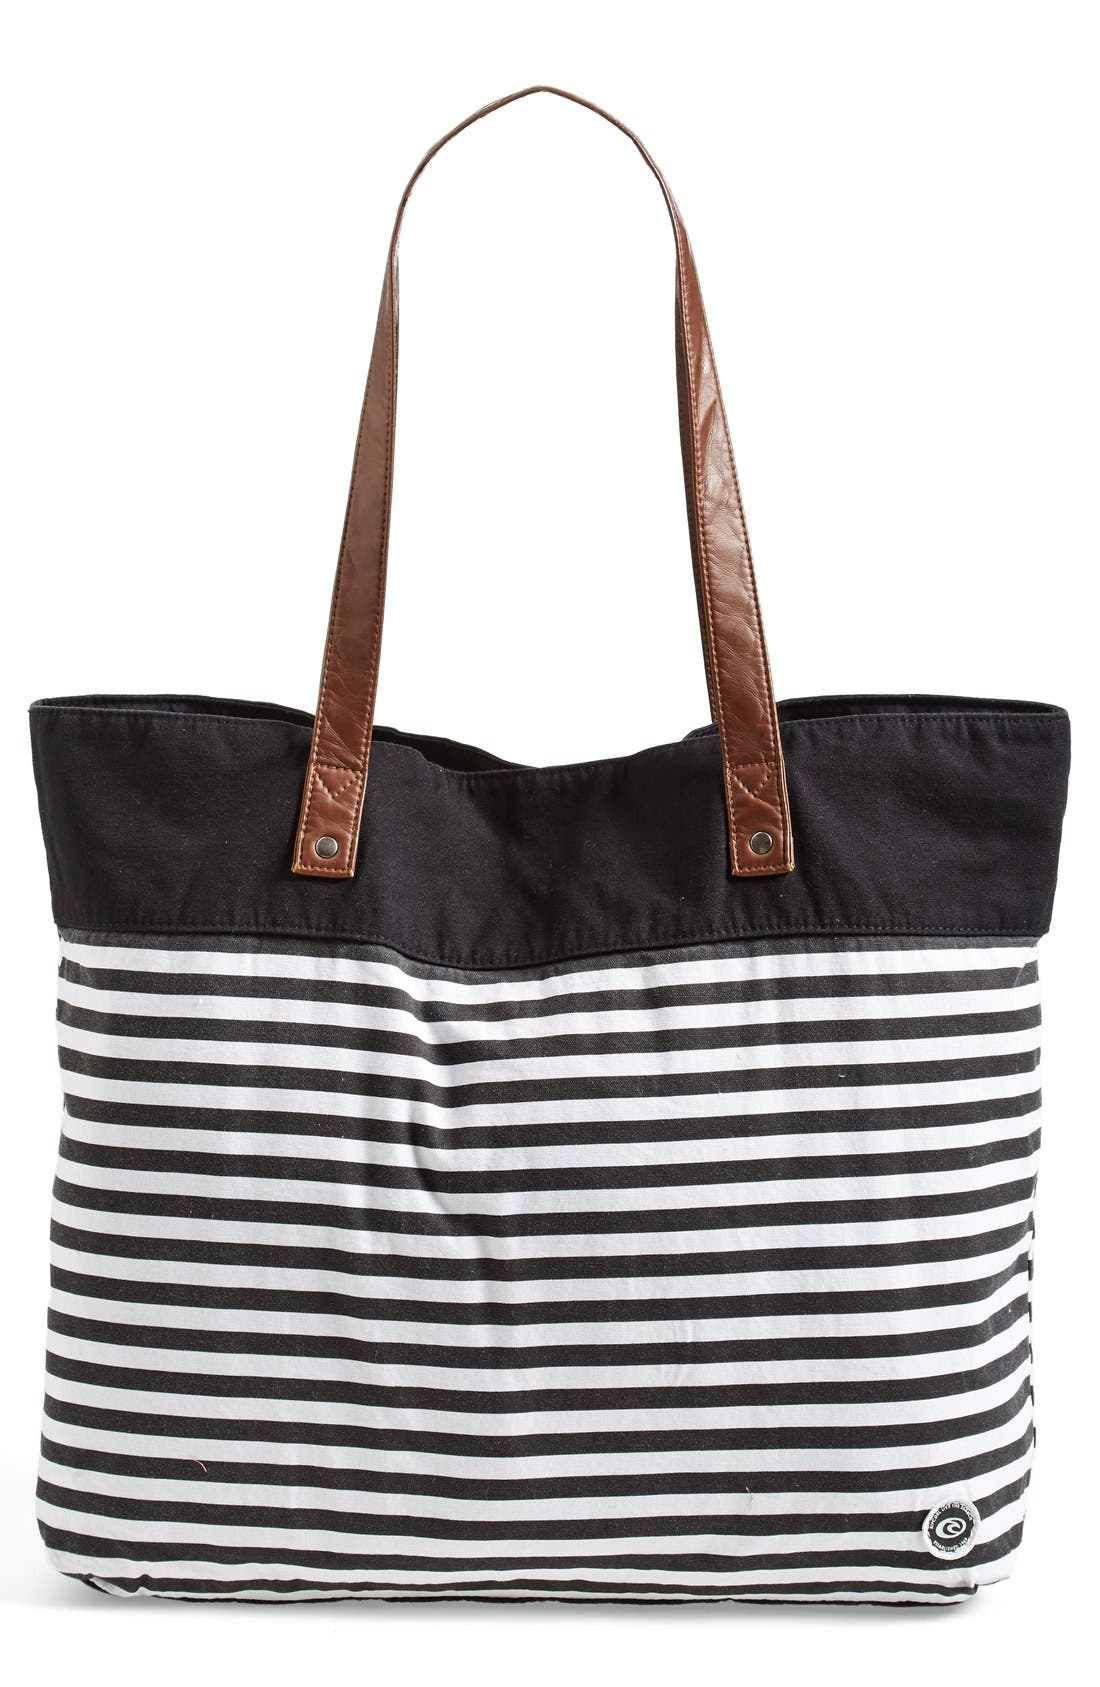 Alternate Image 1 Selected - Rip Curl 'That Stripe' Beach Bag